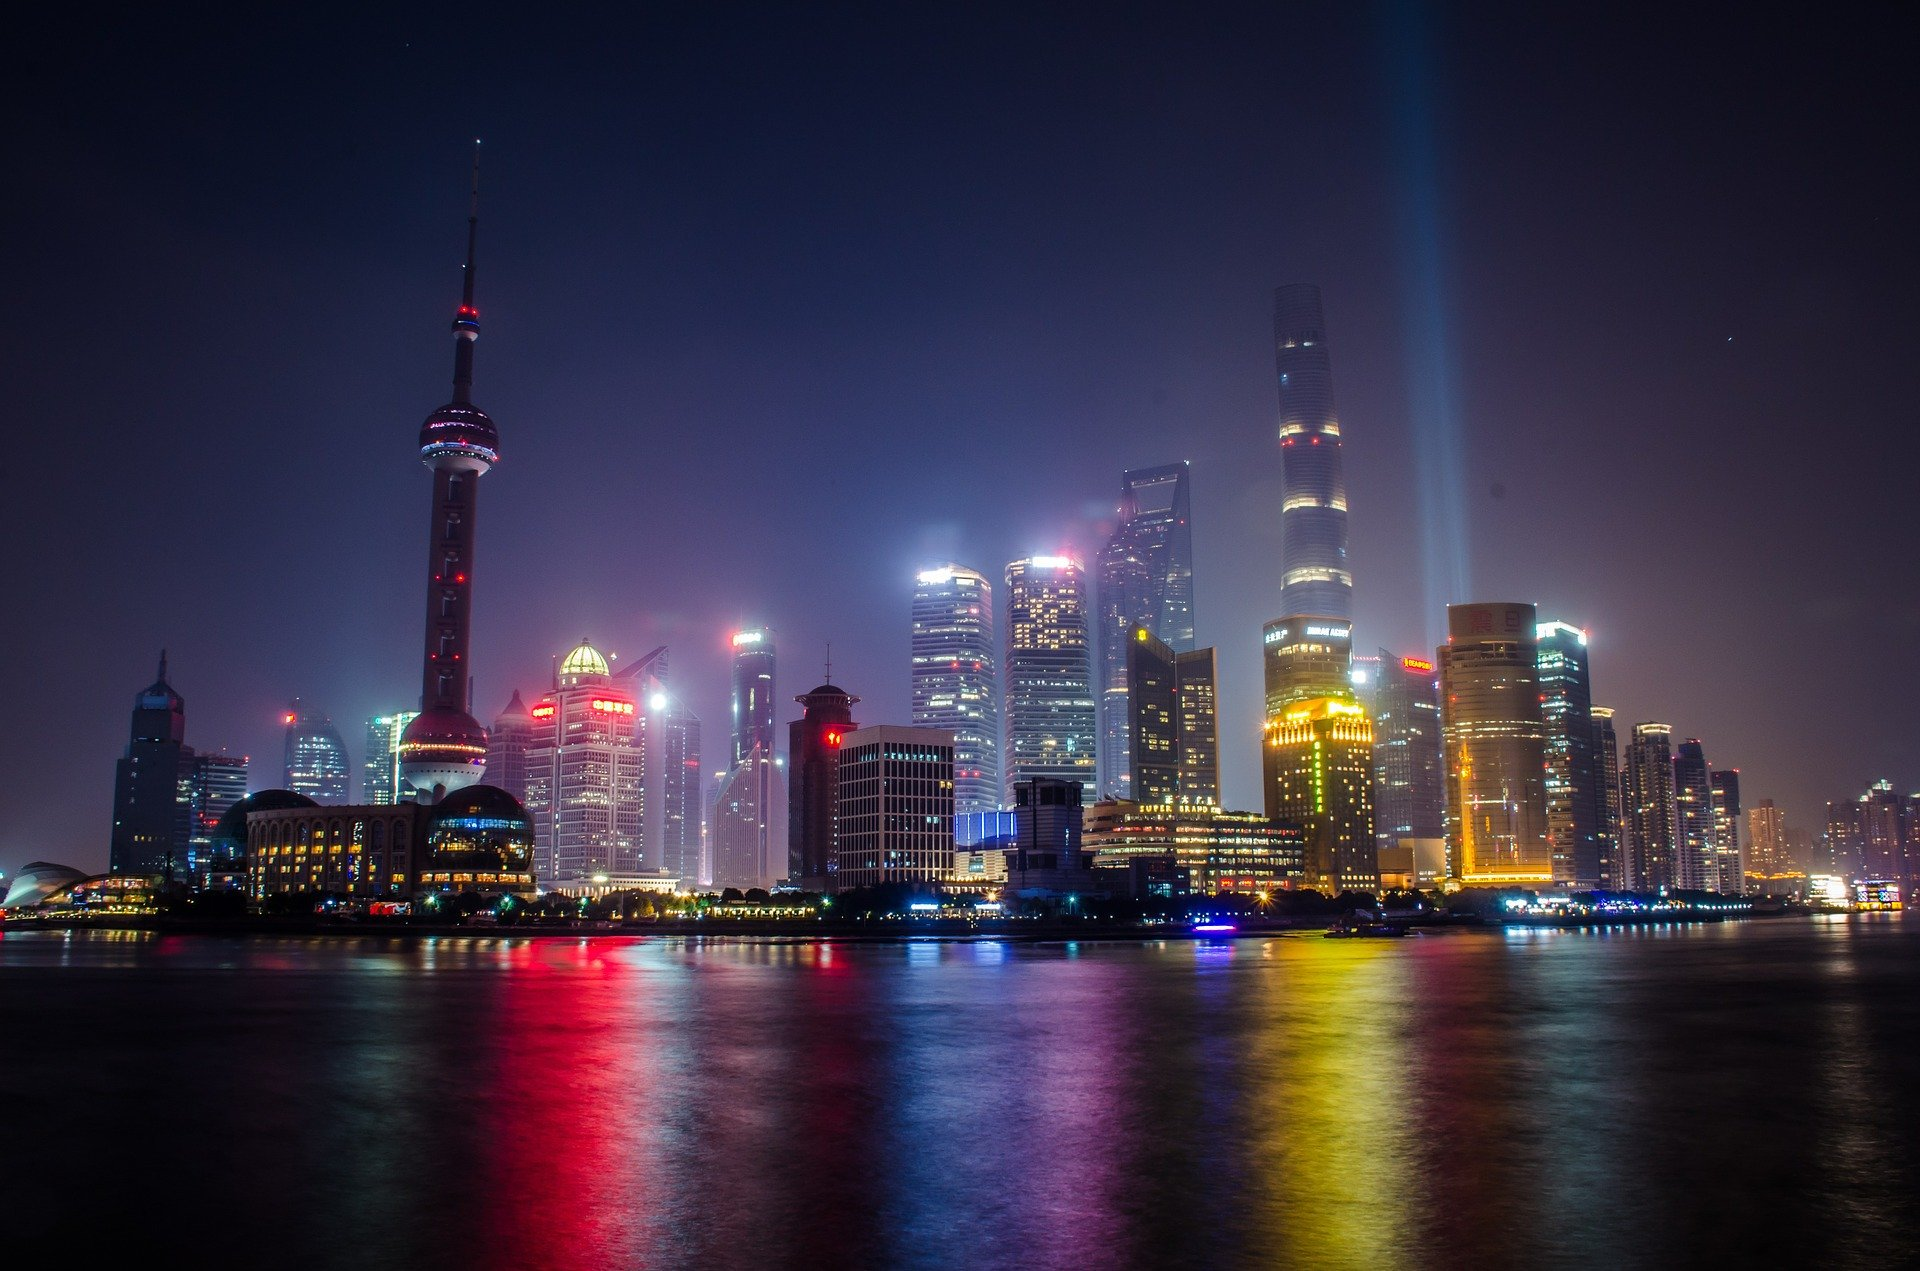 [En Chiffres] L'incroyable rattrapage économique chinois de 1990 à aujourd'hui